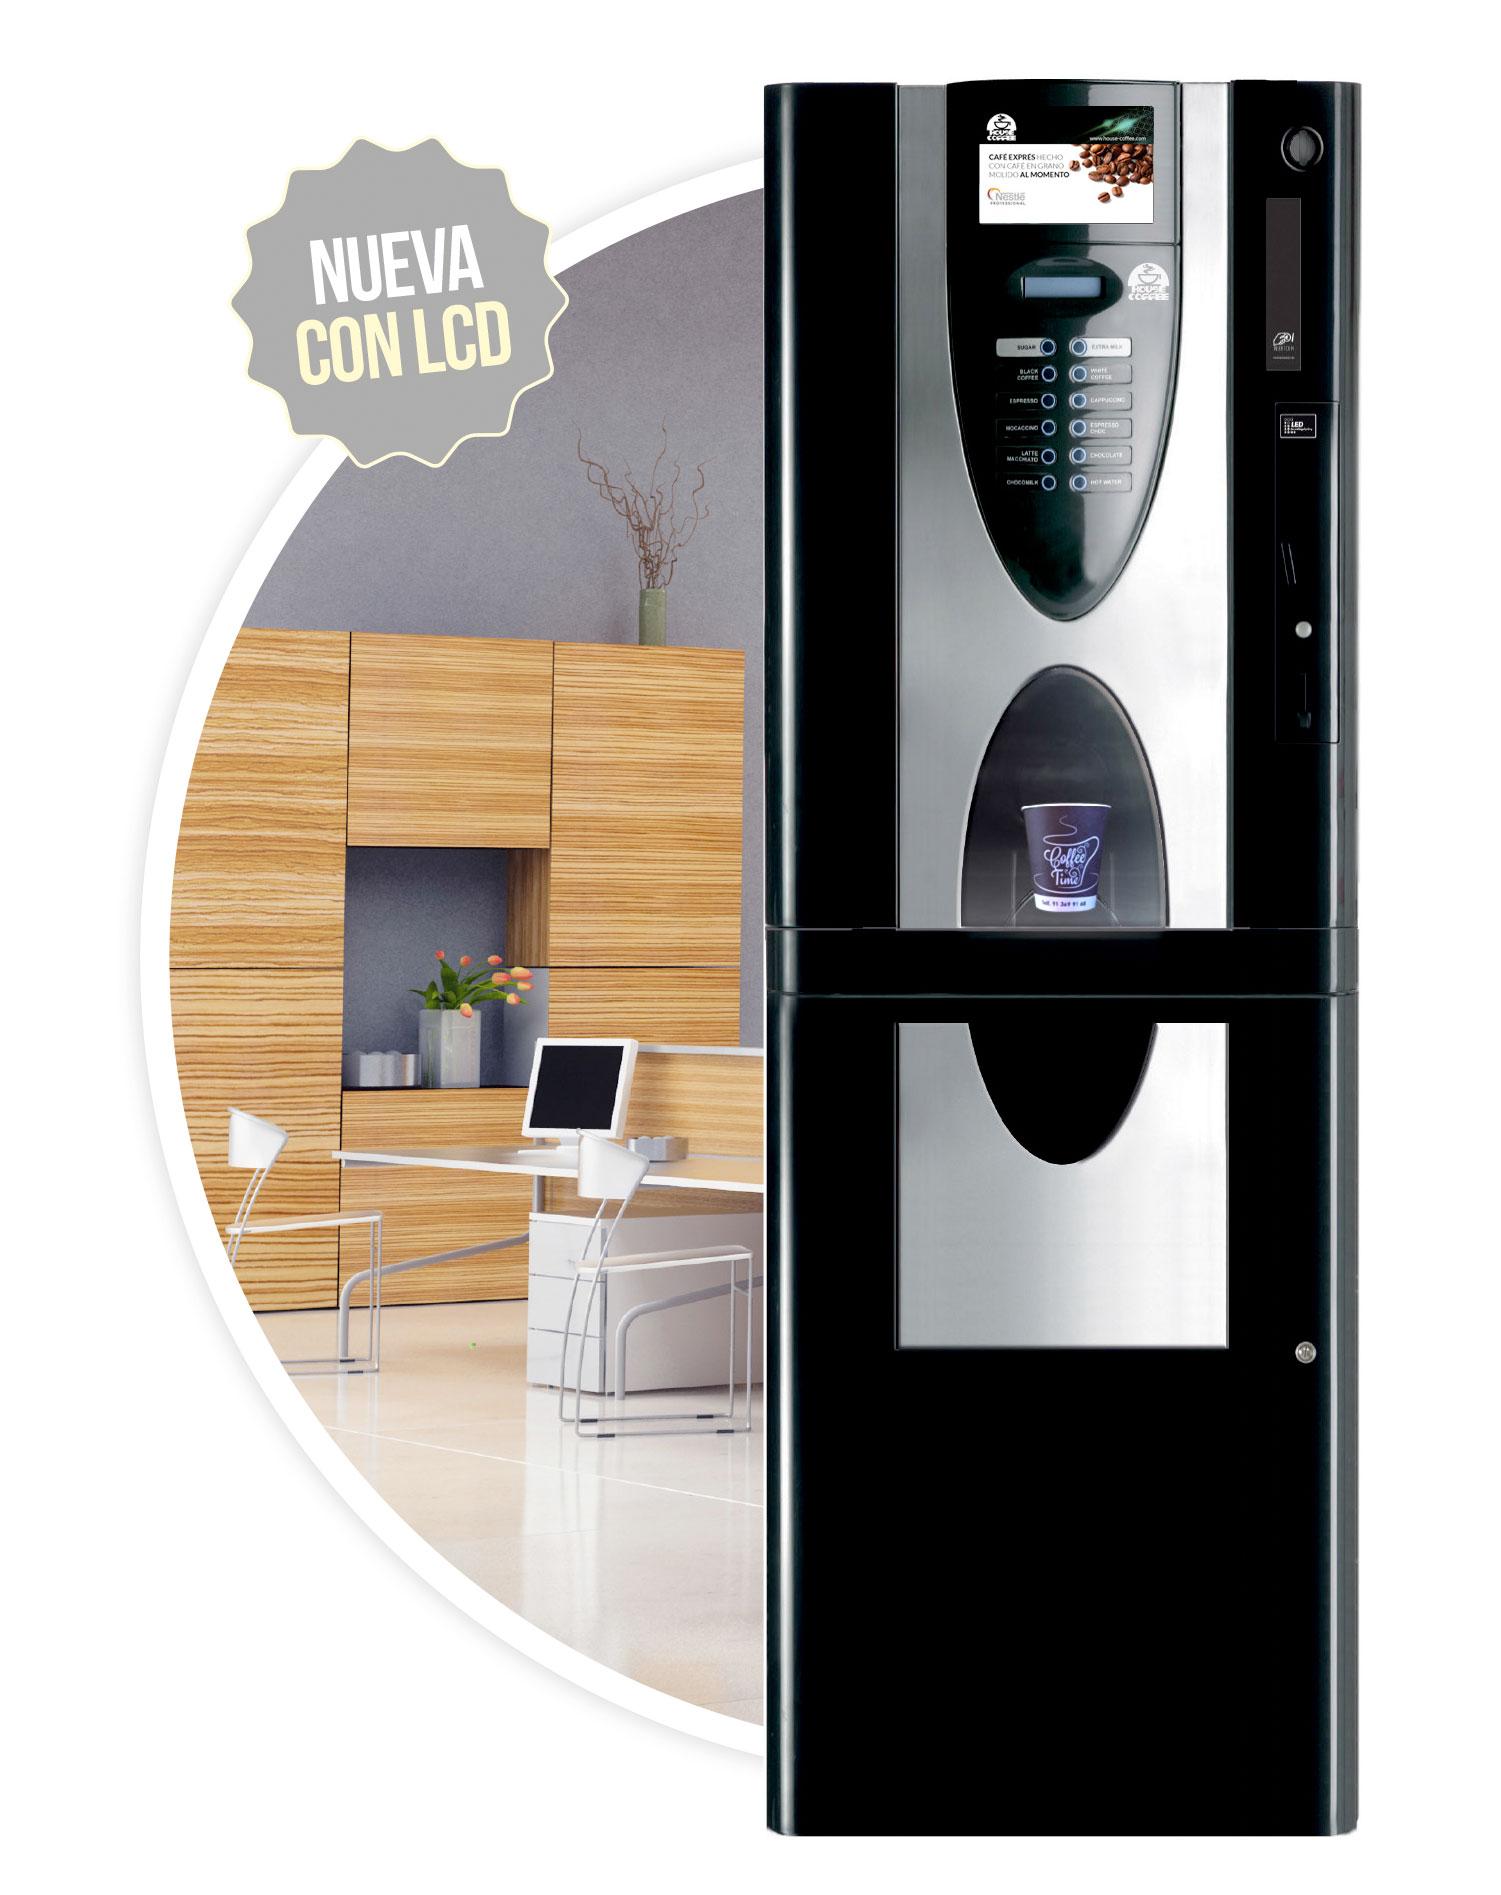 Imagen de la cafetera Eclipse XL Blanco. Maquinas de cafe para empresas.